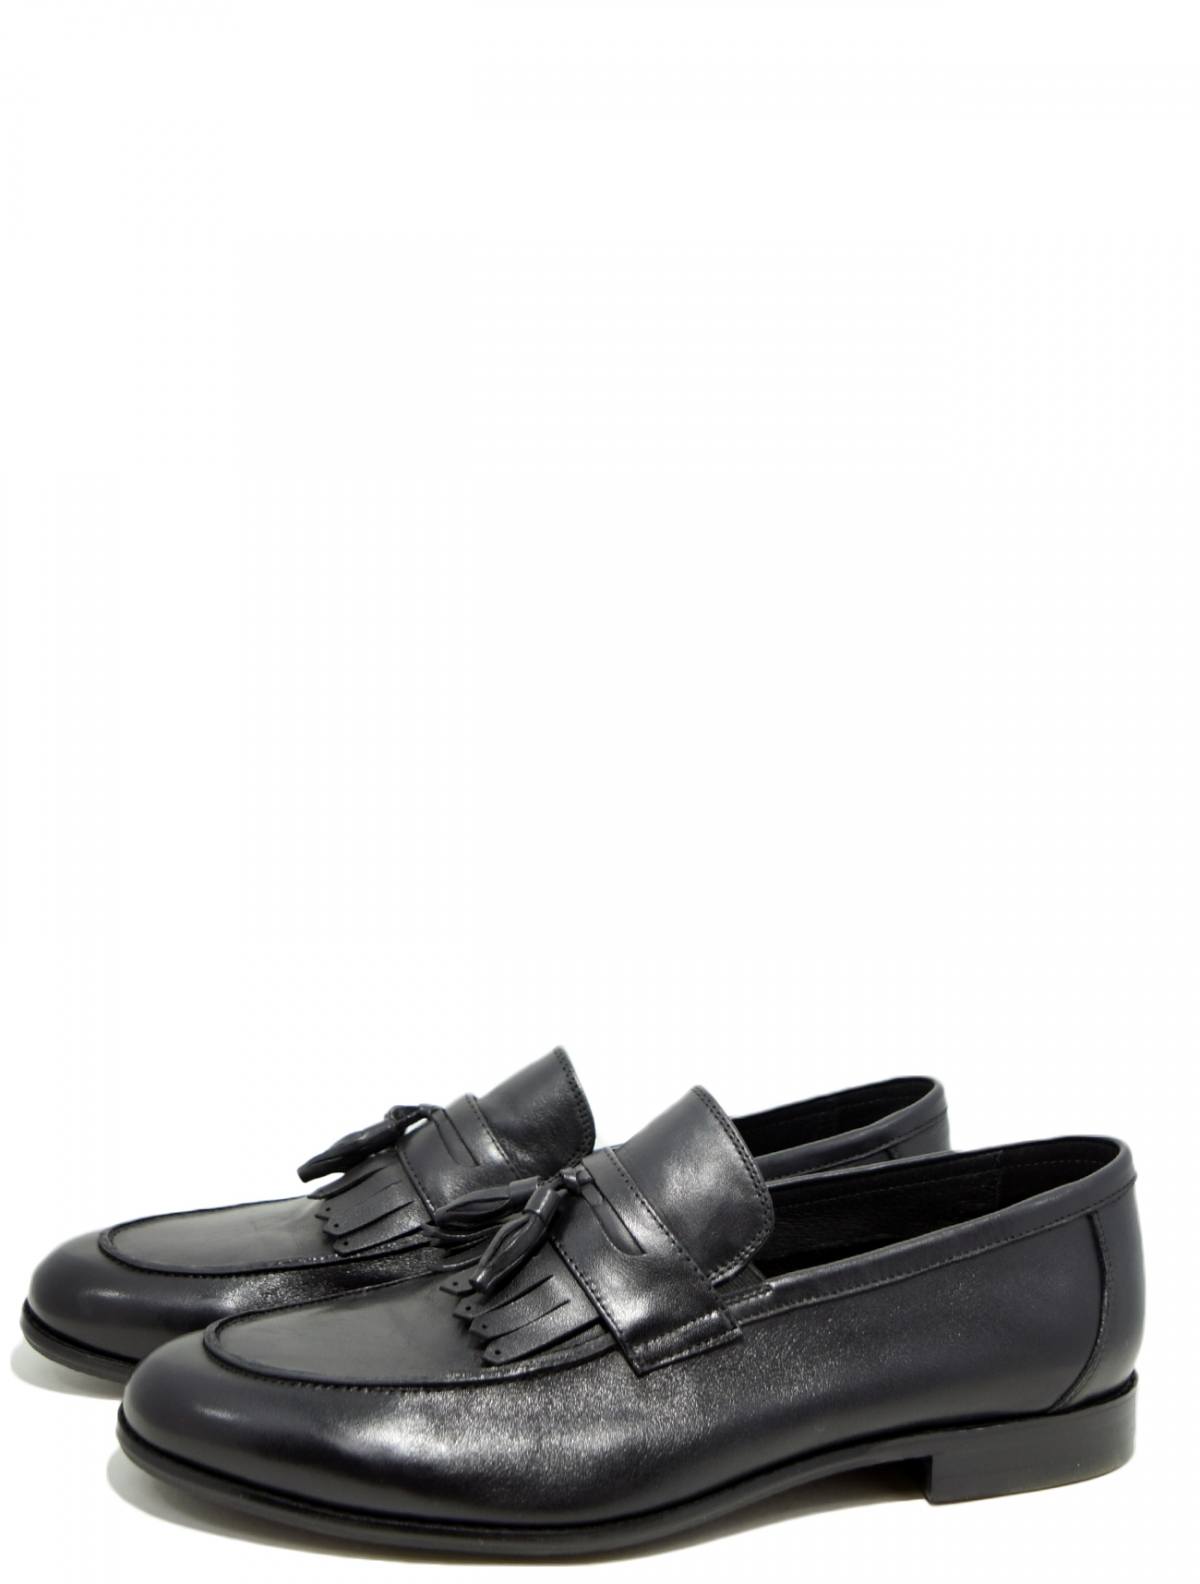 Roscote A0072-202-553-T3196 мужские туфли